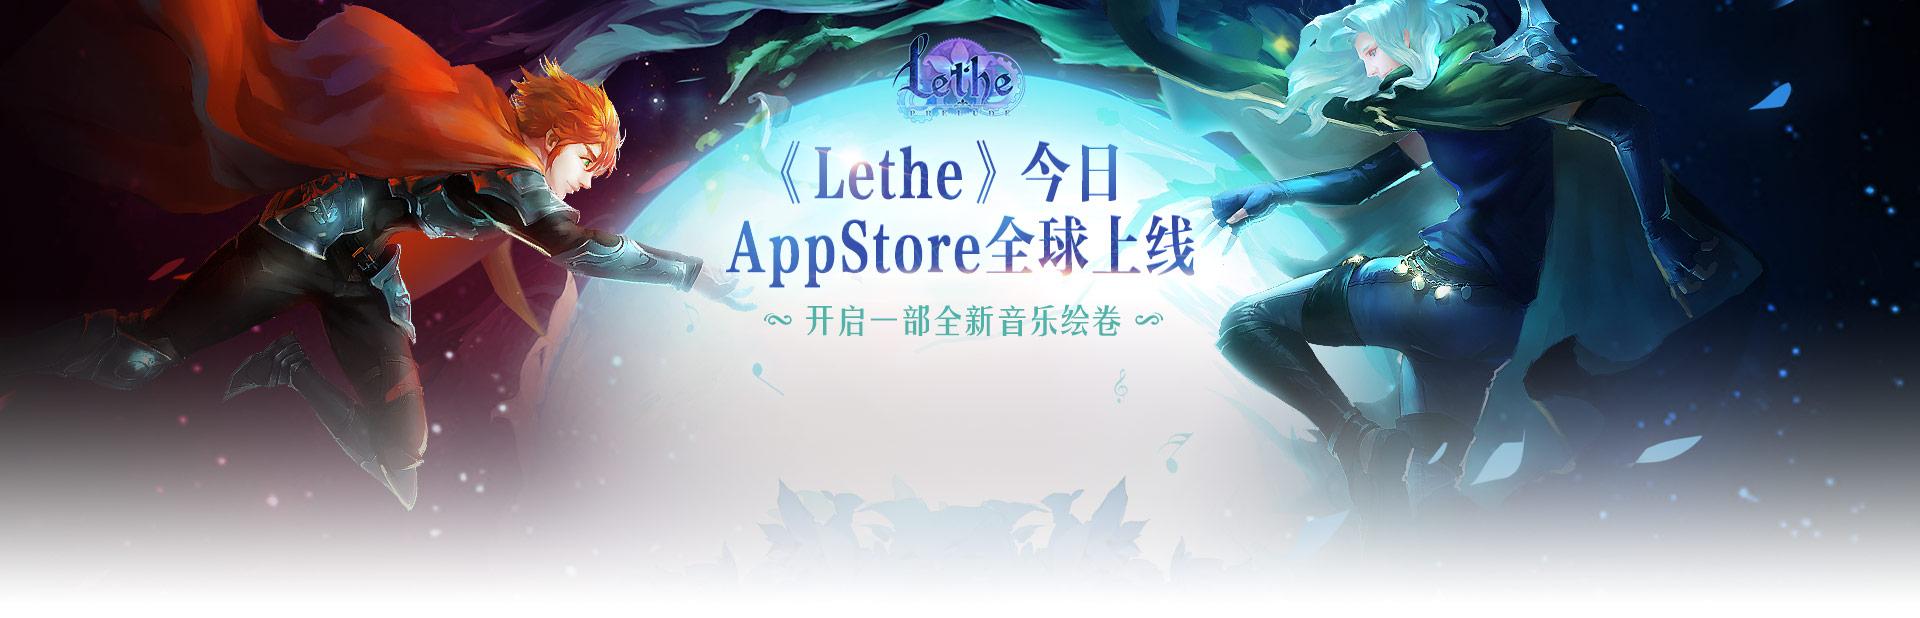 《lethe》官网